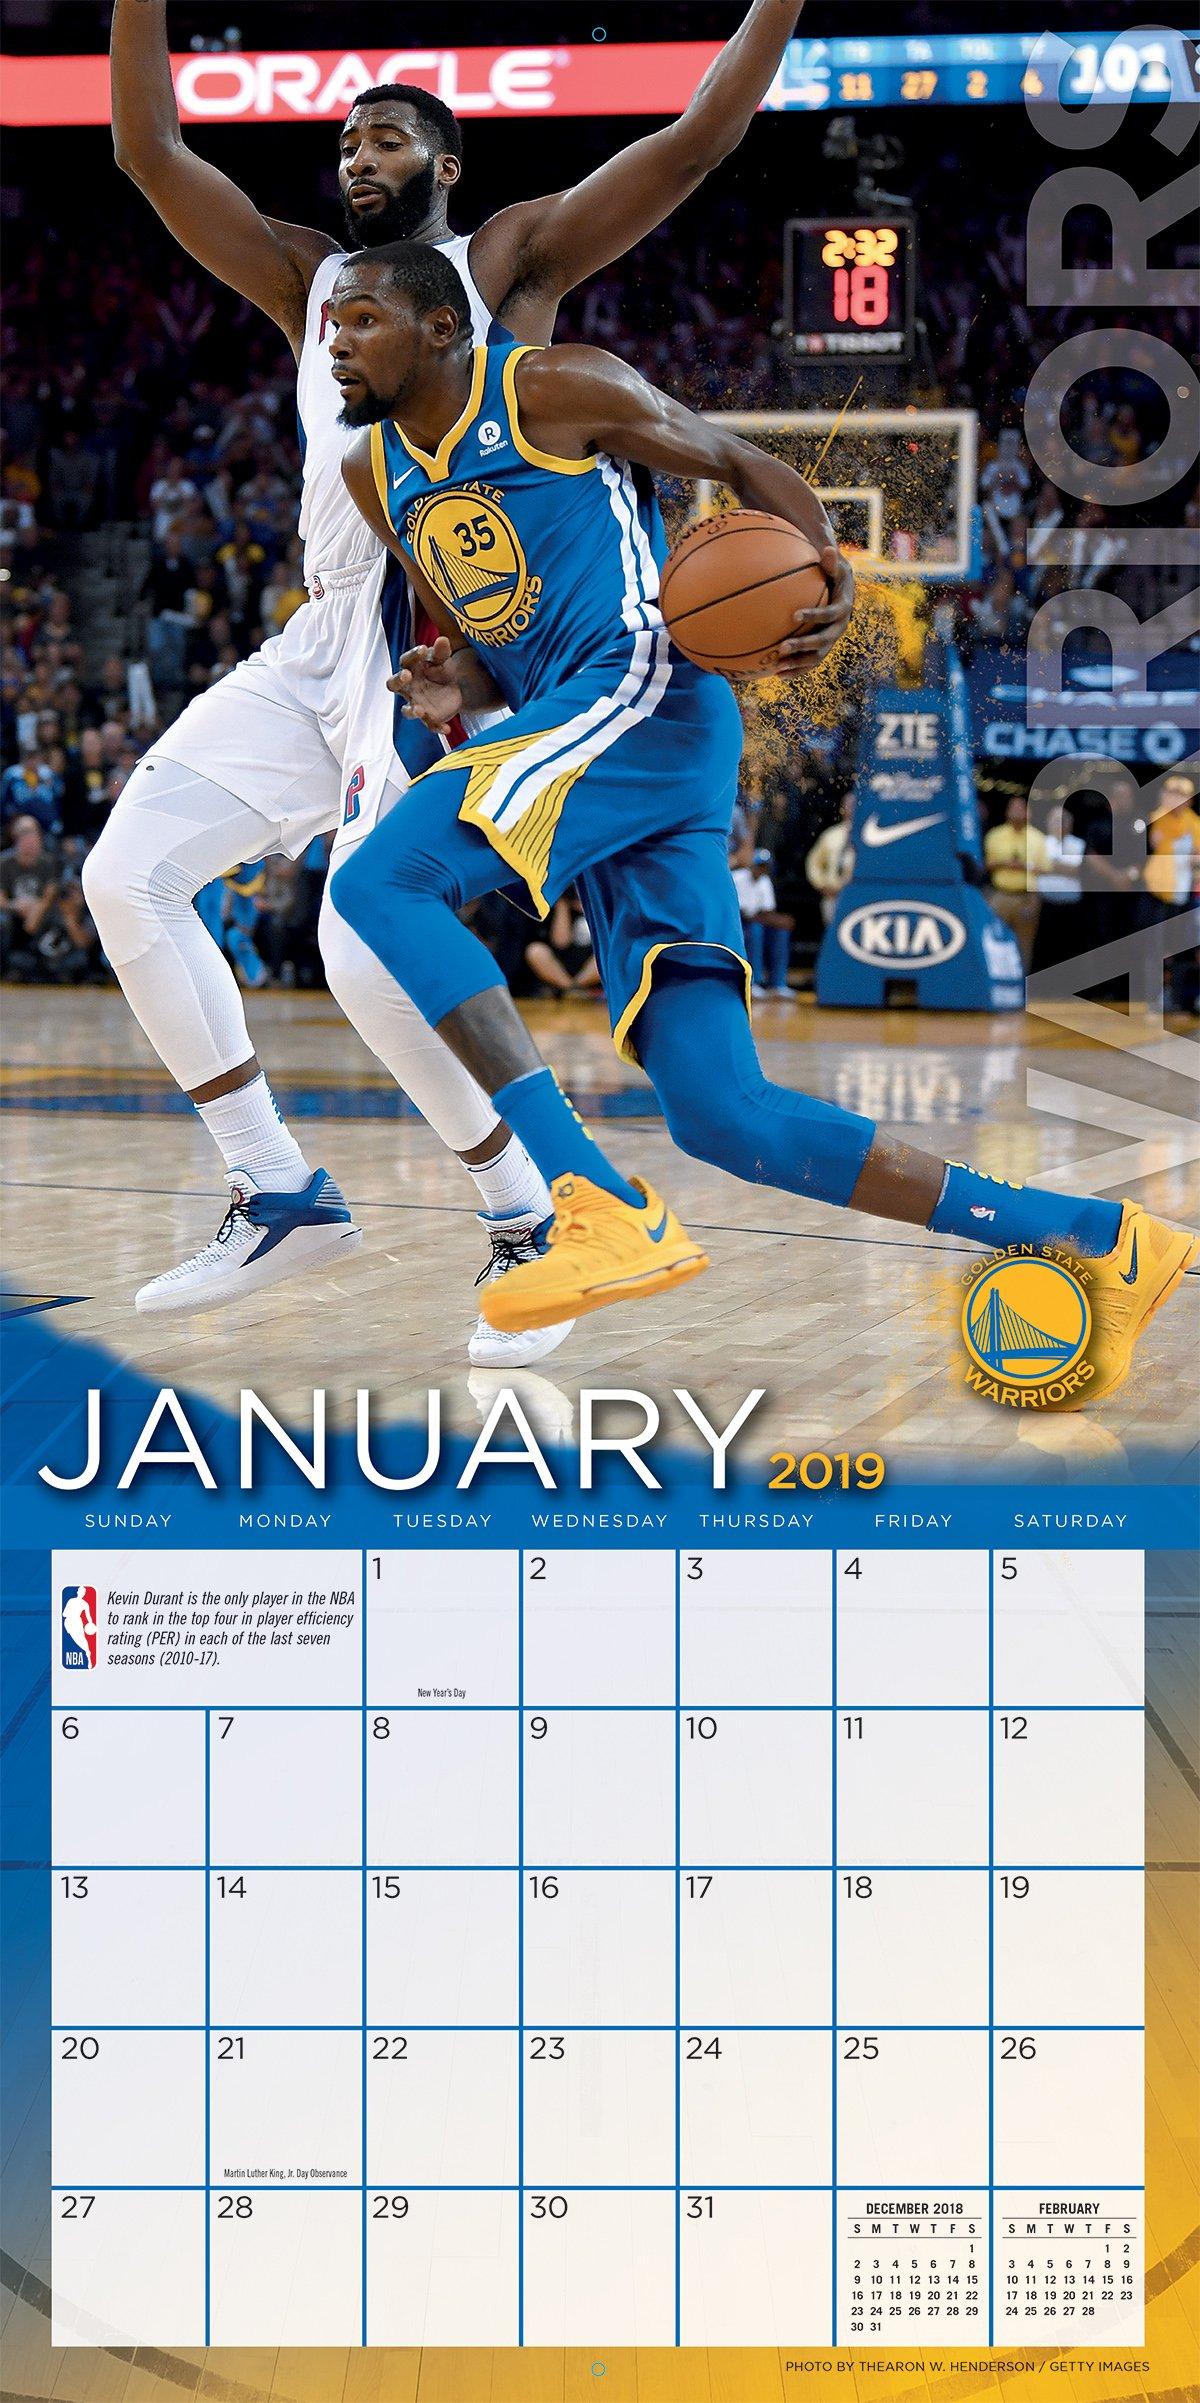 Turner 1 Sport Golden State Warriors 2019 12X12 Team Wall Calendar Office Wall Calendar (19998011878)